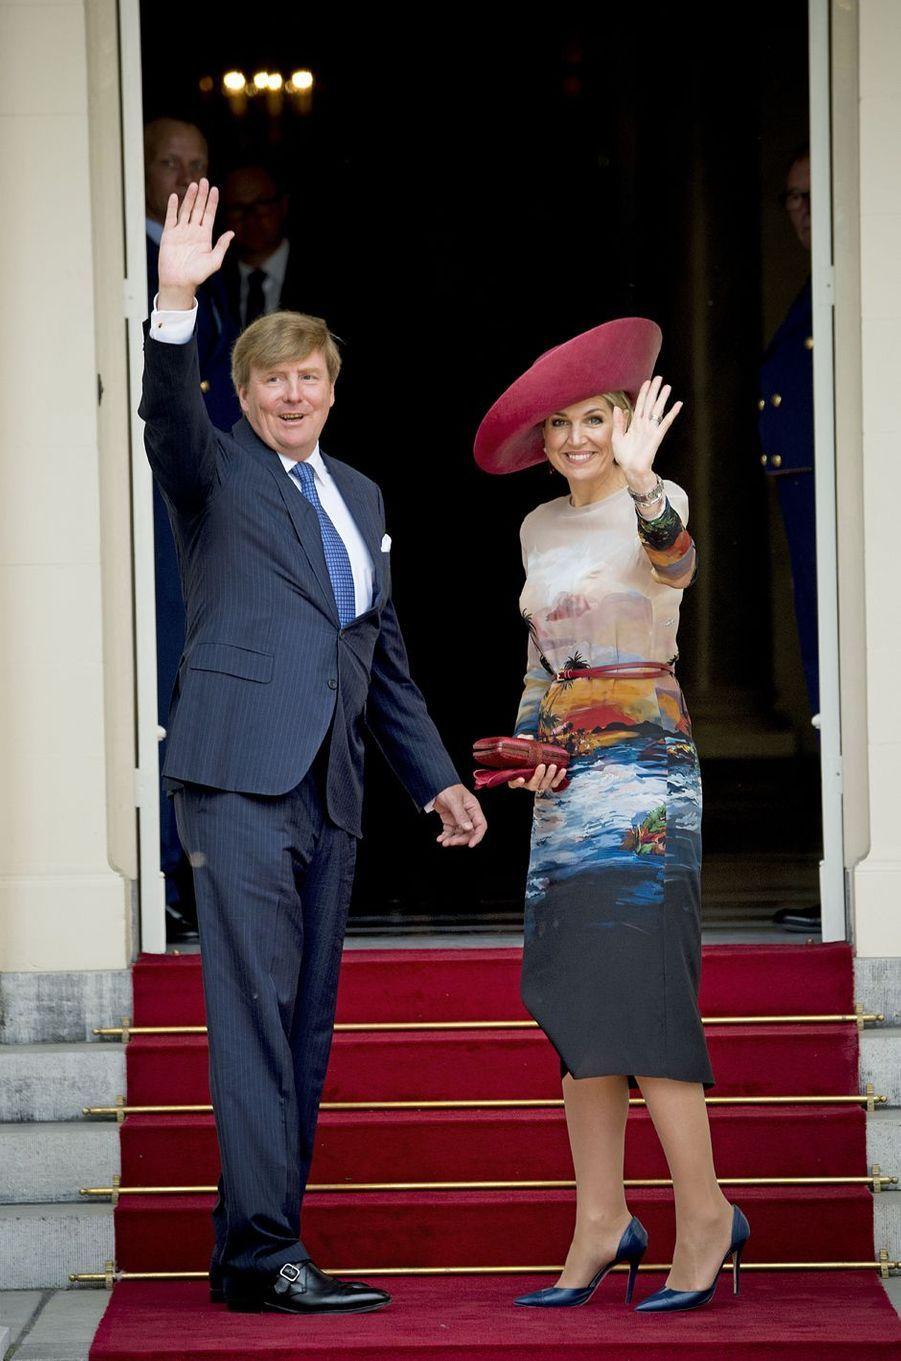 La reine Maxima et le roi Willem-Alexander des Pays-Bas à La Haye, le 4 juillet 2016